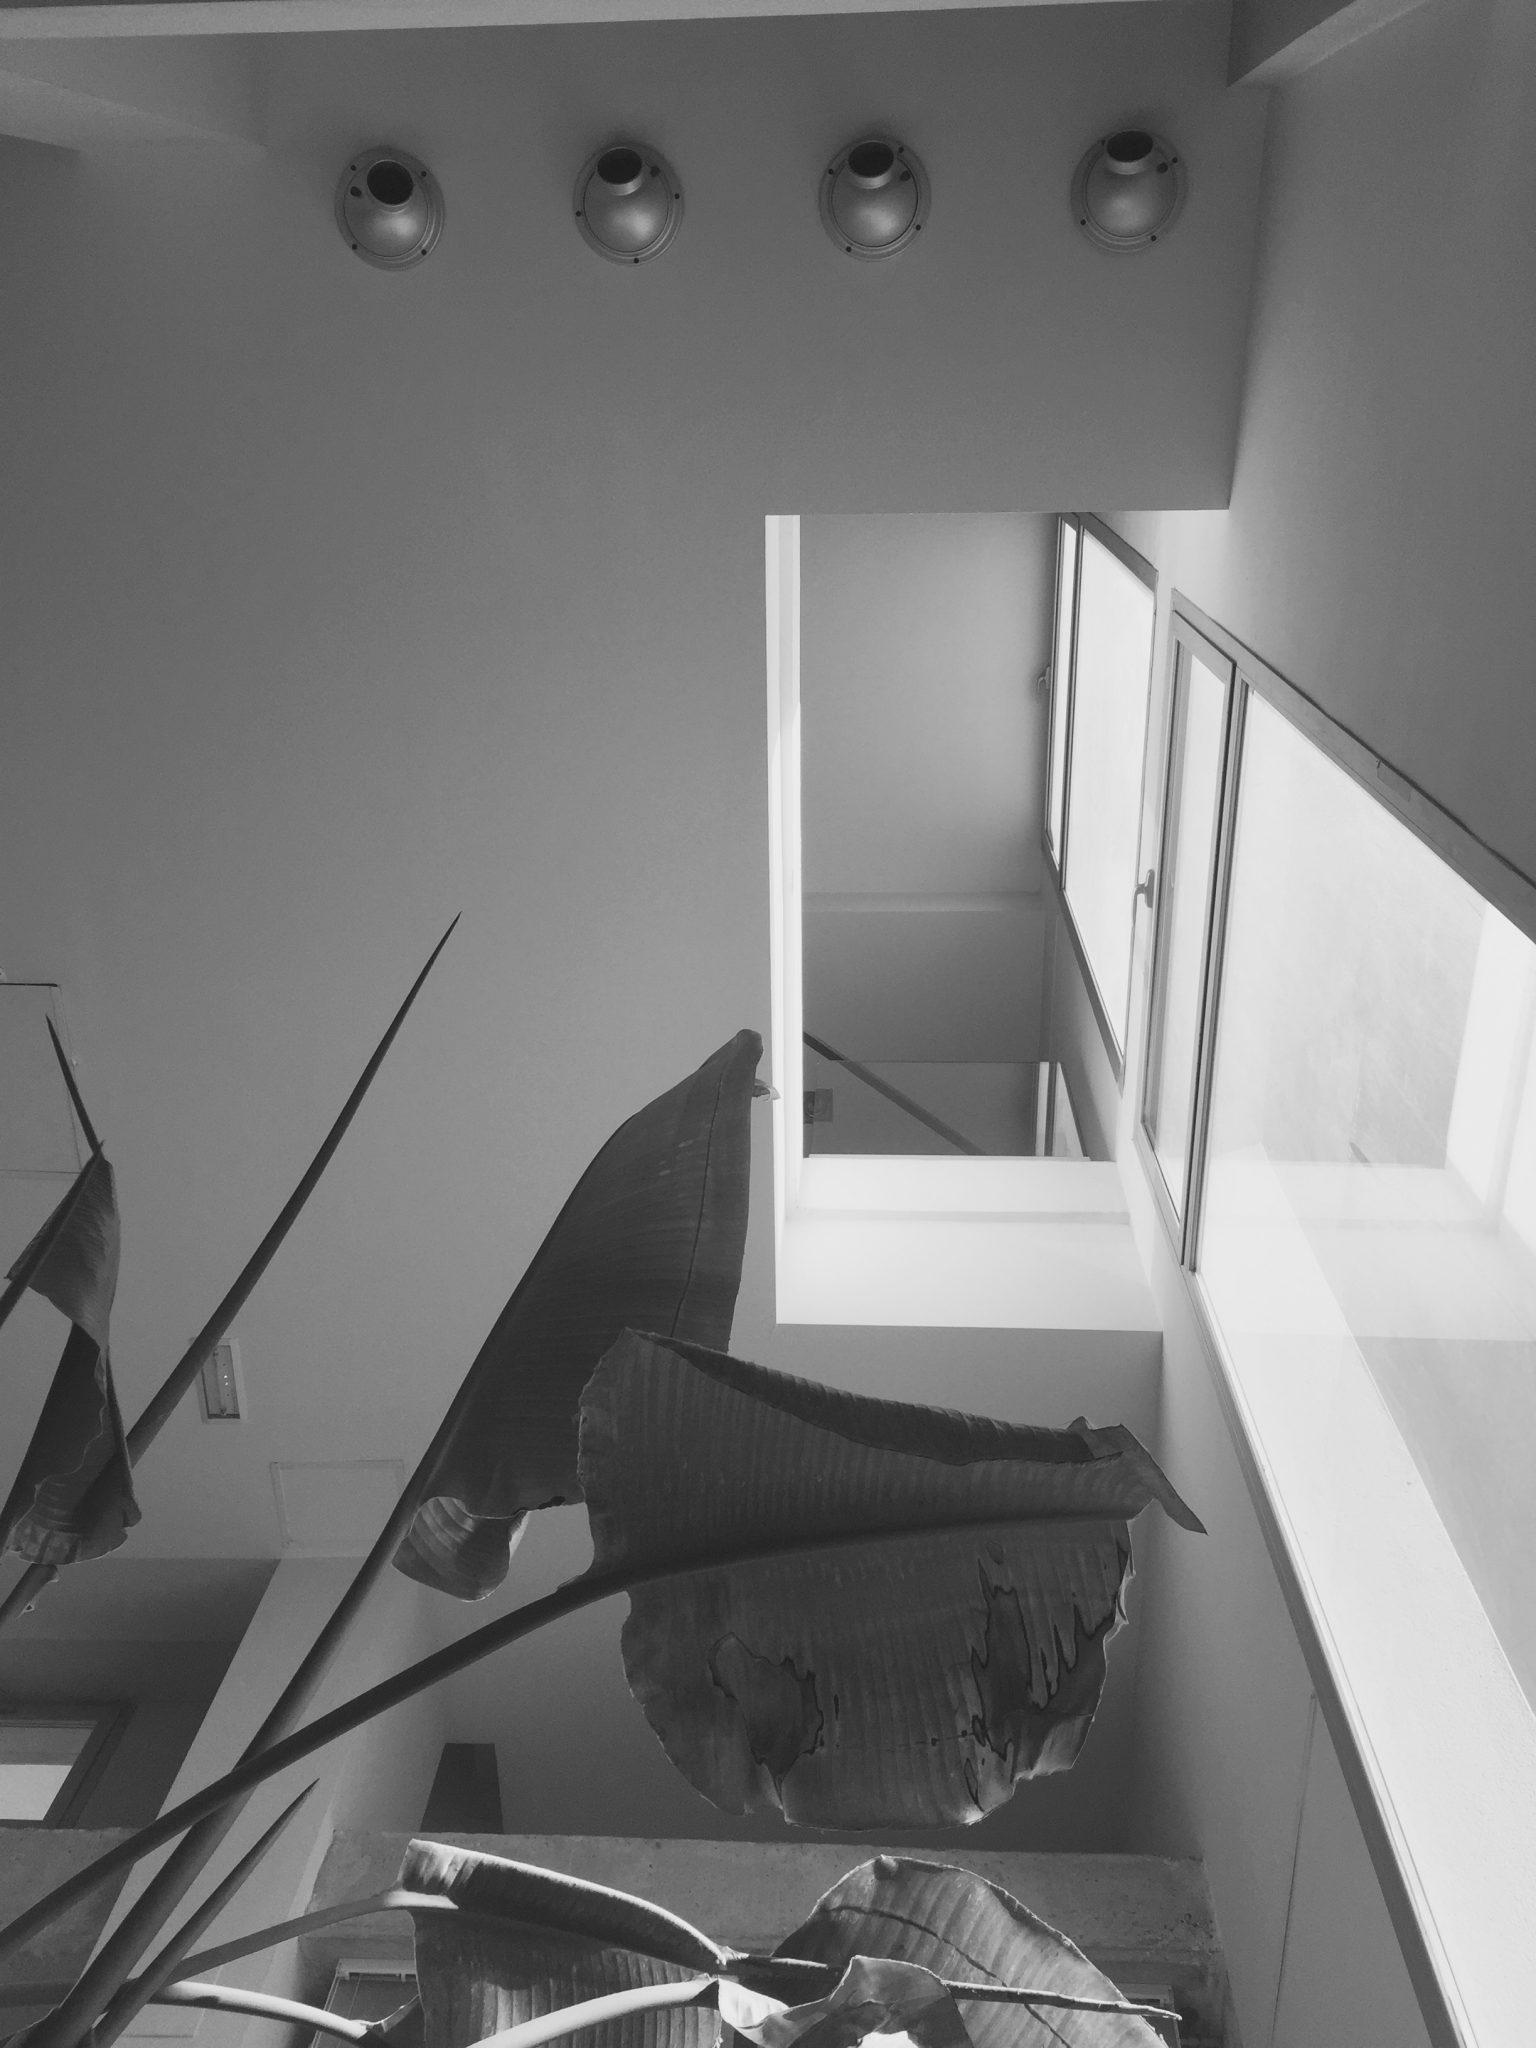 Fullsizerender 1 el globo muebles - El globo muebles madrid ...